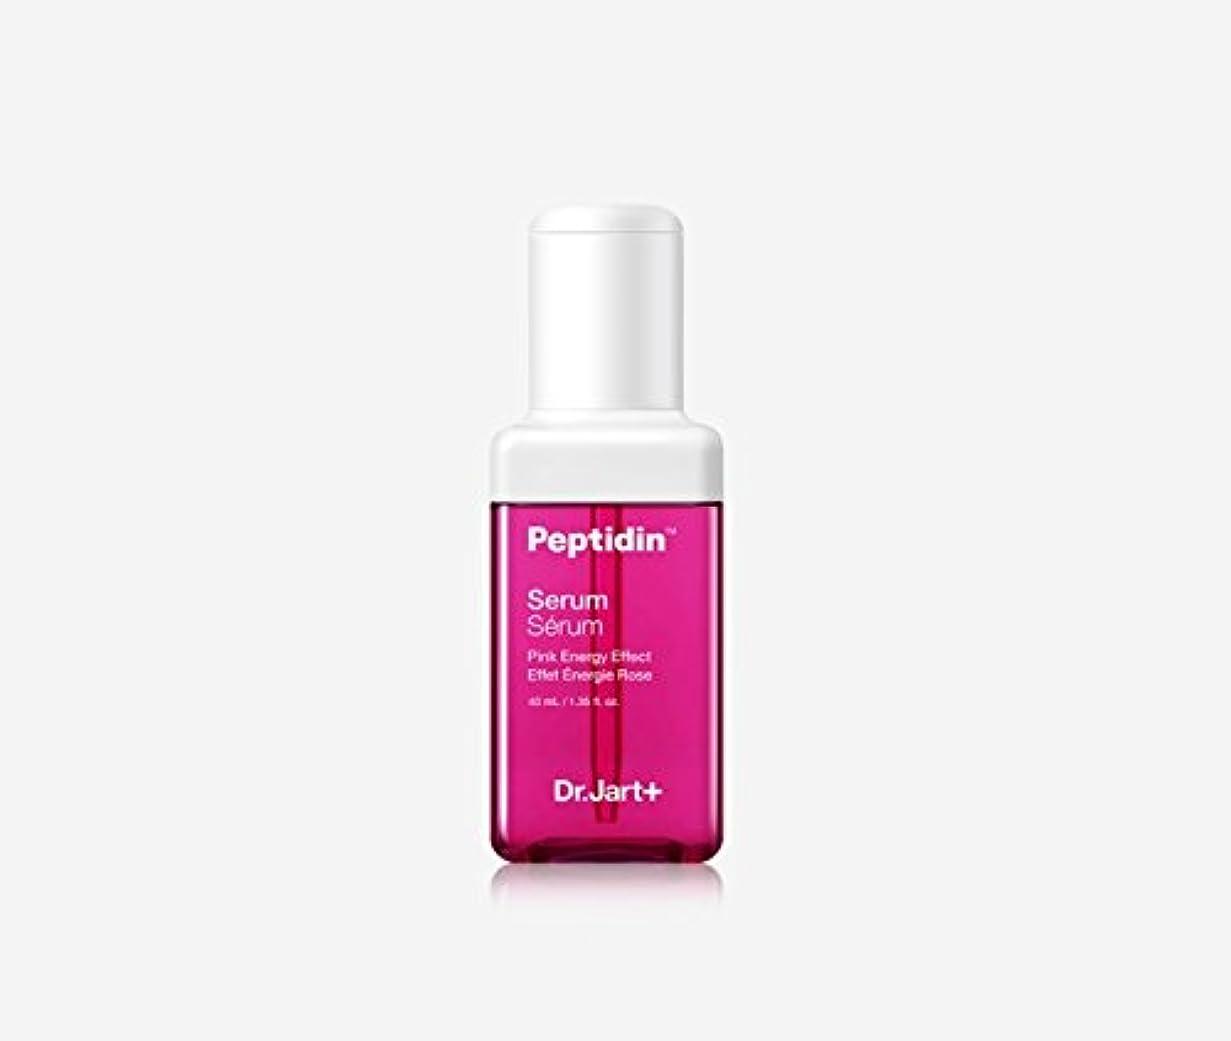 明確にドラムやむを得ない[Dr.Jart+] ドクタージャルト ペプチドディーン セラムピンクエネルギー 40ml / DR JART Peptidin Serum Pink Energy 1.35 fl. oz. [海外直送品]